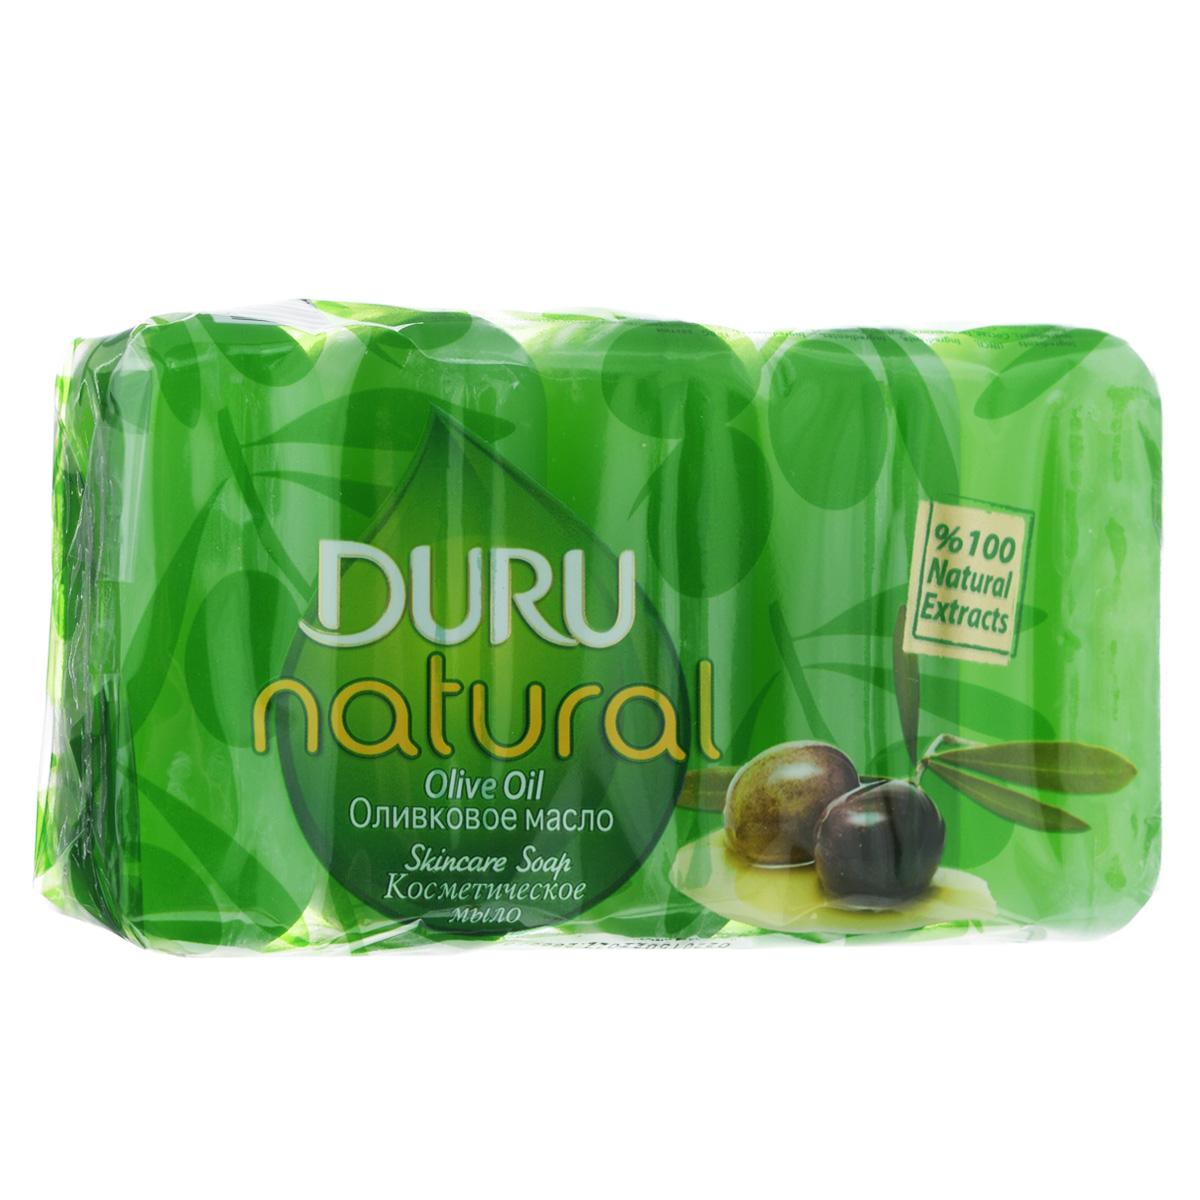 Duru NATURAL ���� ��������� ����� �/��� 5*70�